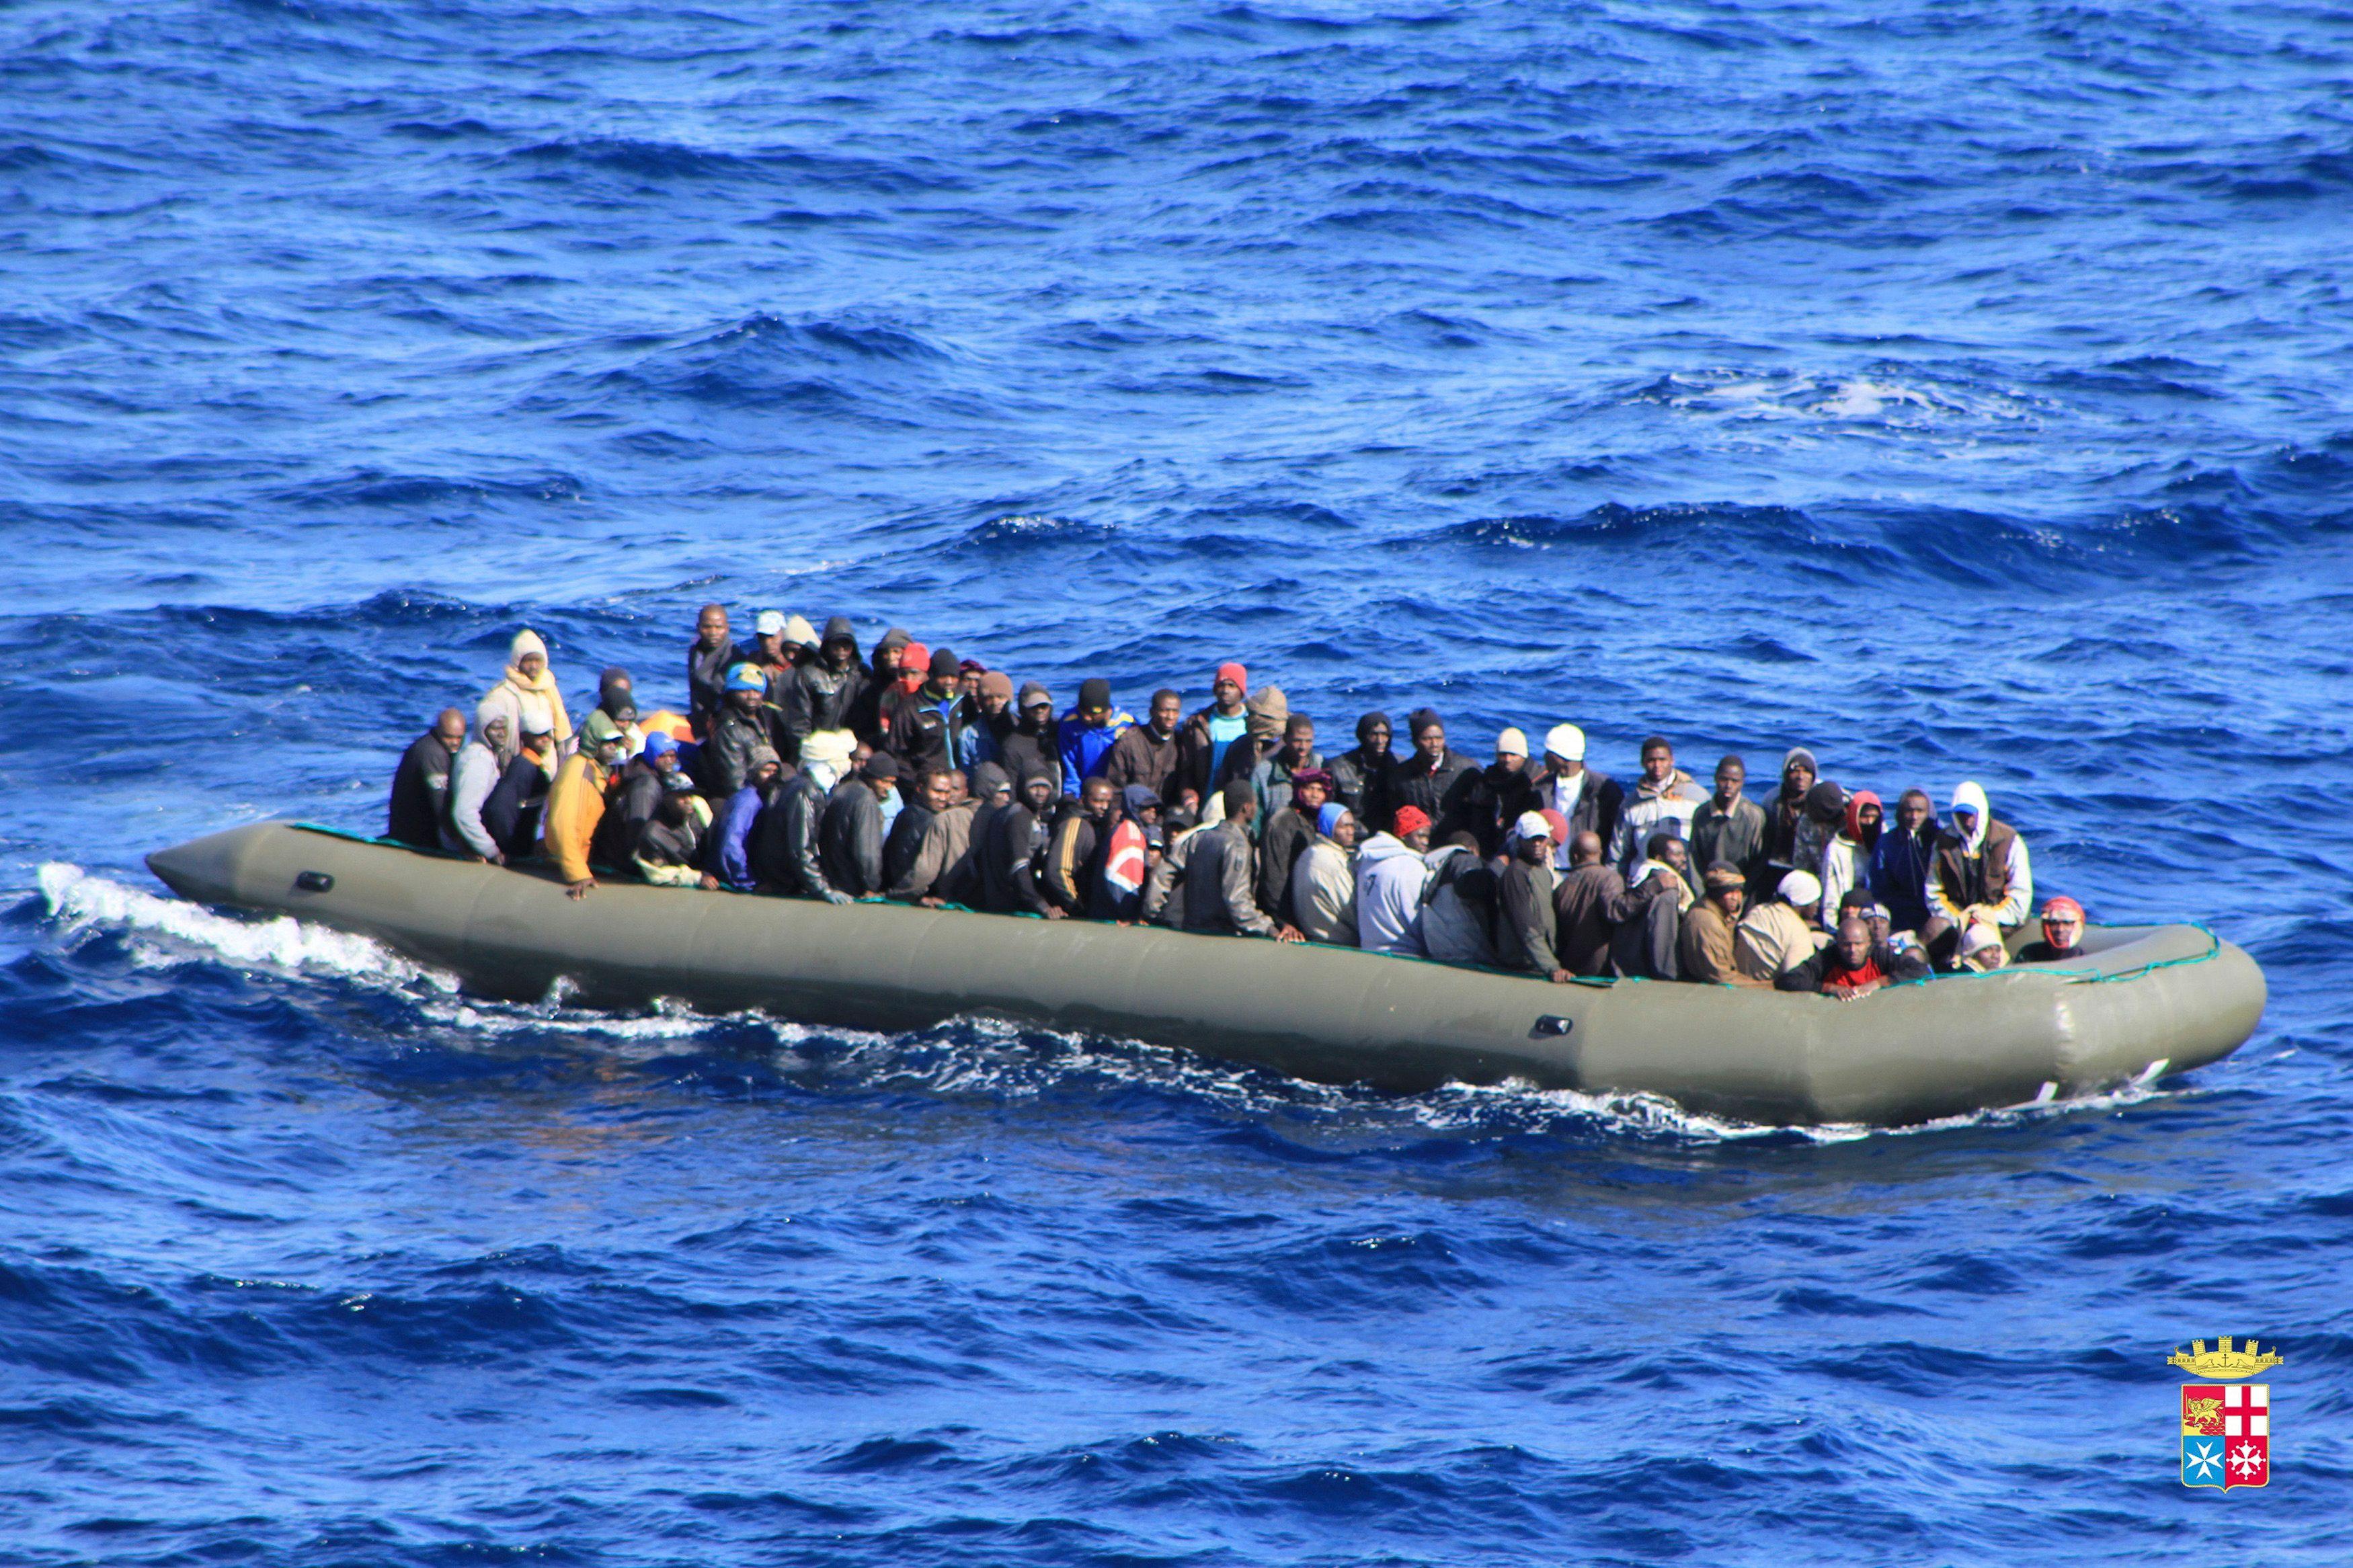 Les personnes sollicités se disent défavorables à l'arrivée de nouveaux réfugiés, peu importe leur catégorie de population.